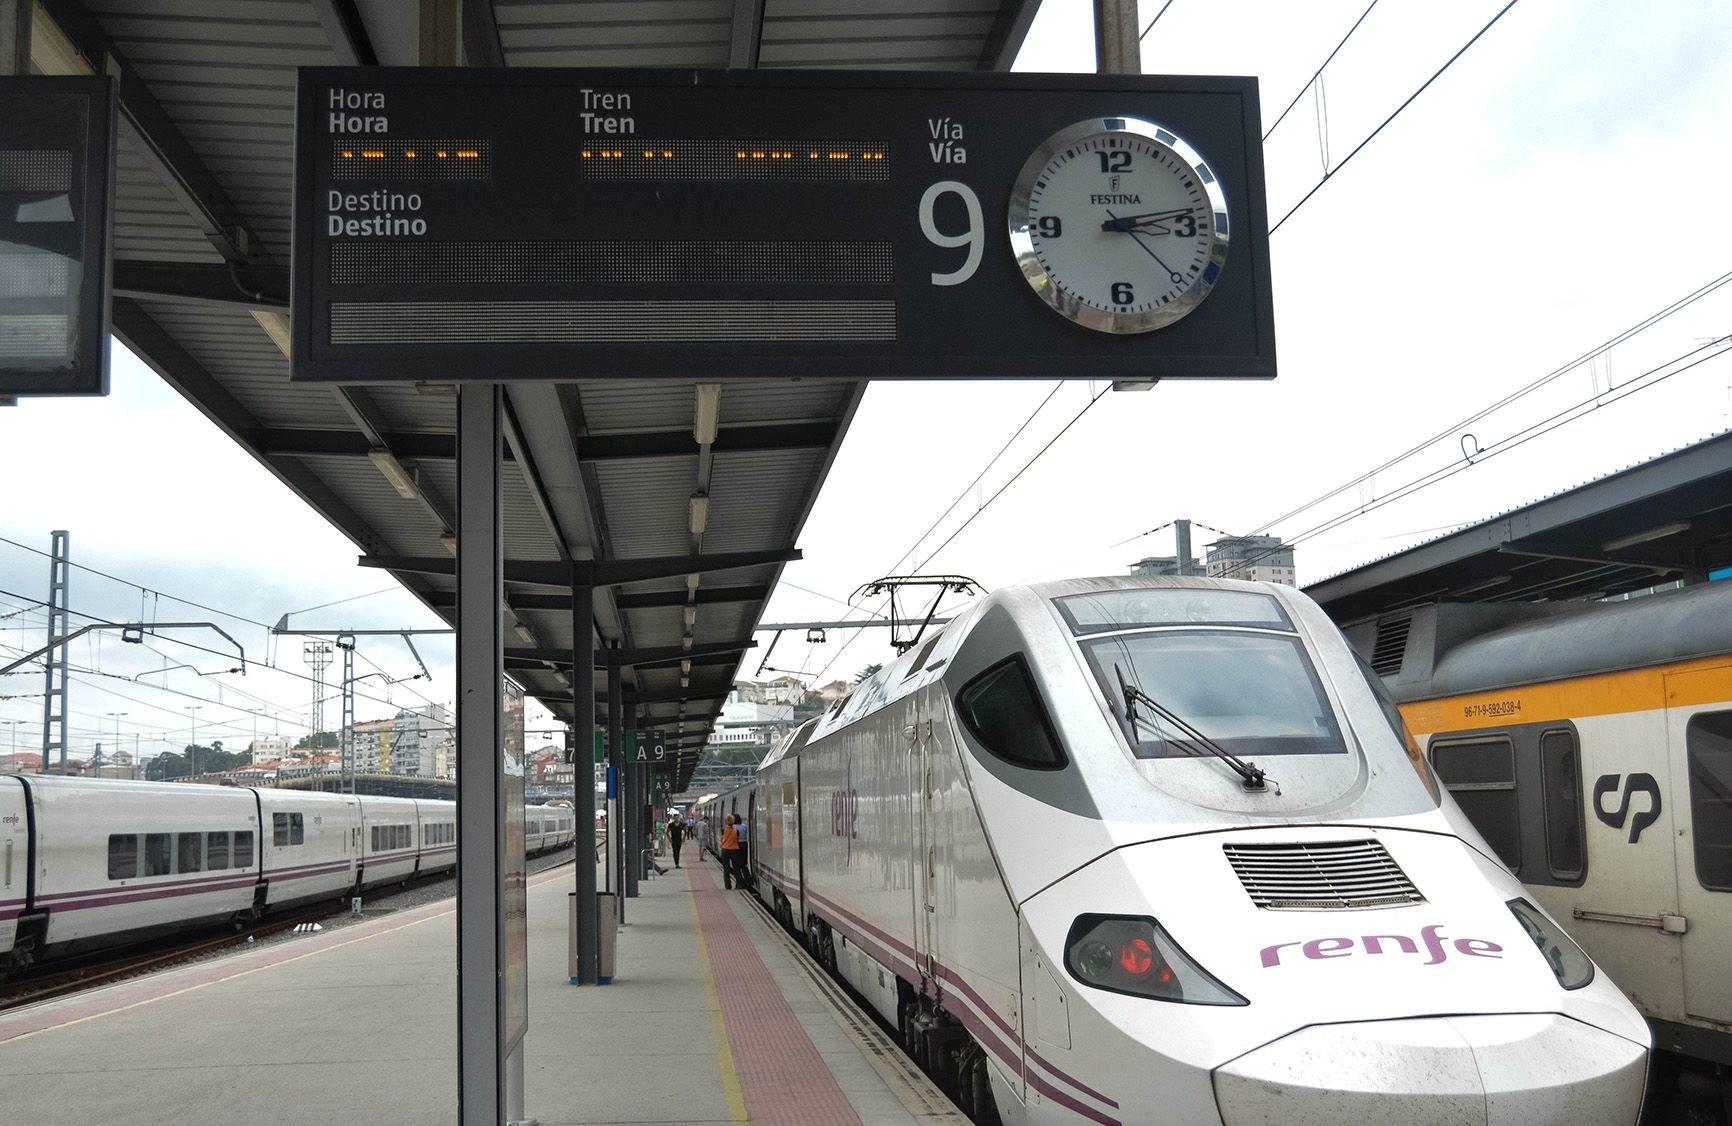 viajes en tren a madrid: